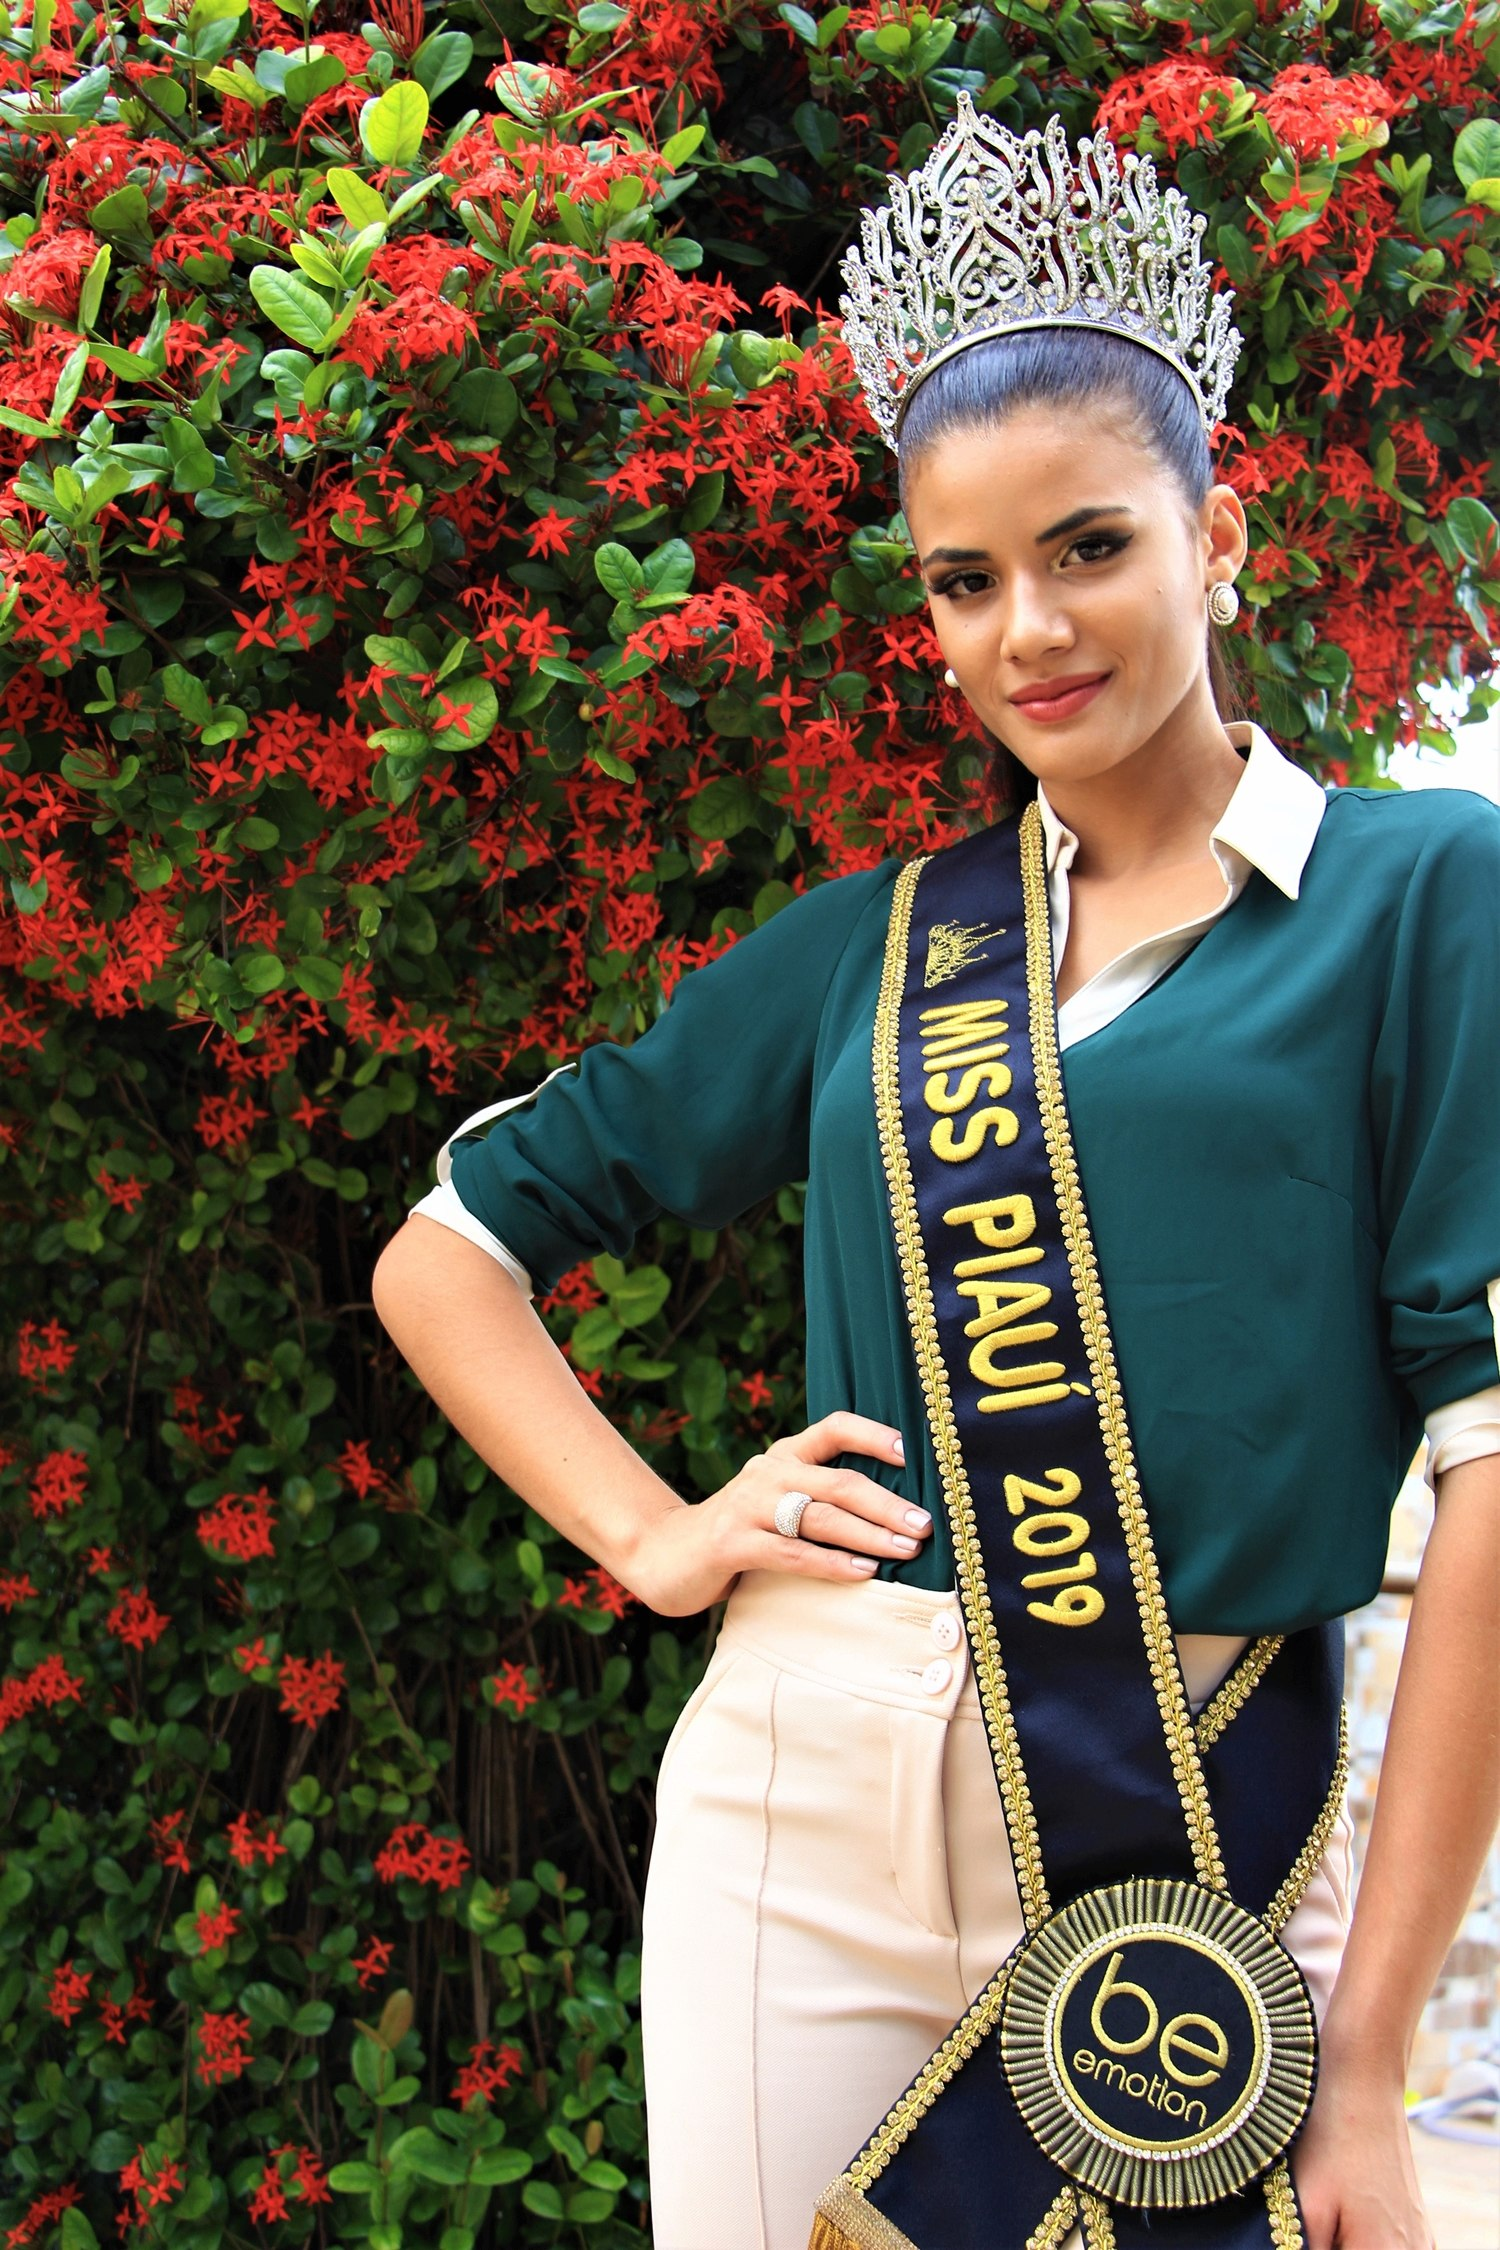 dagmara landim, top 10 de miss brasil universo 2019. - Página 5 Miss-p10